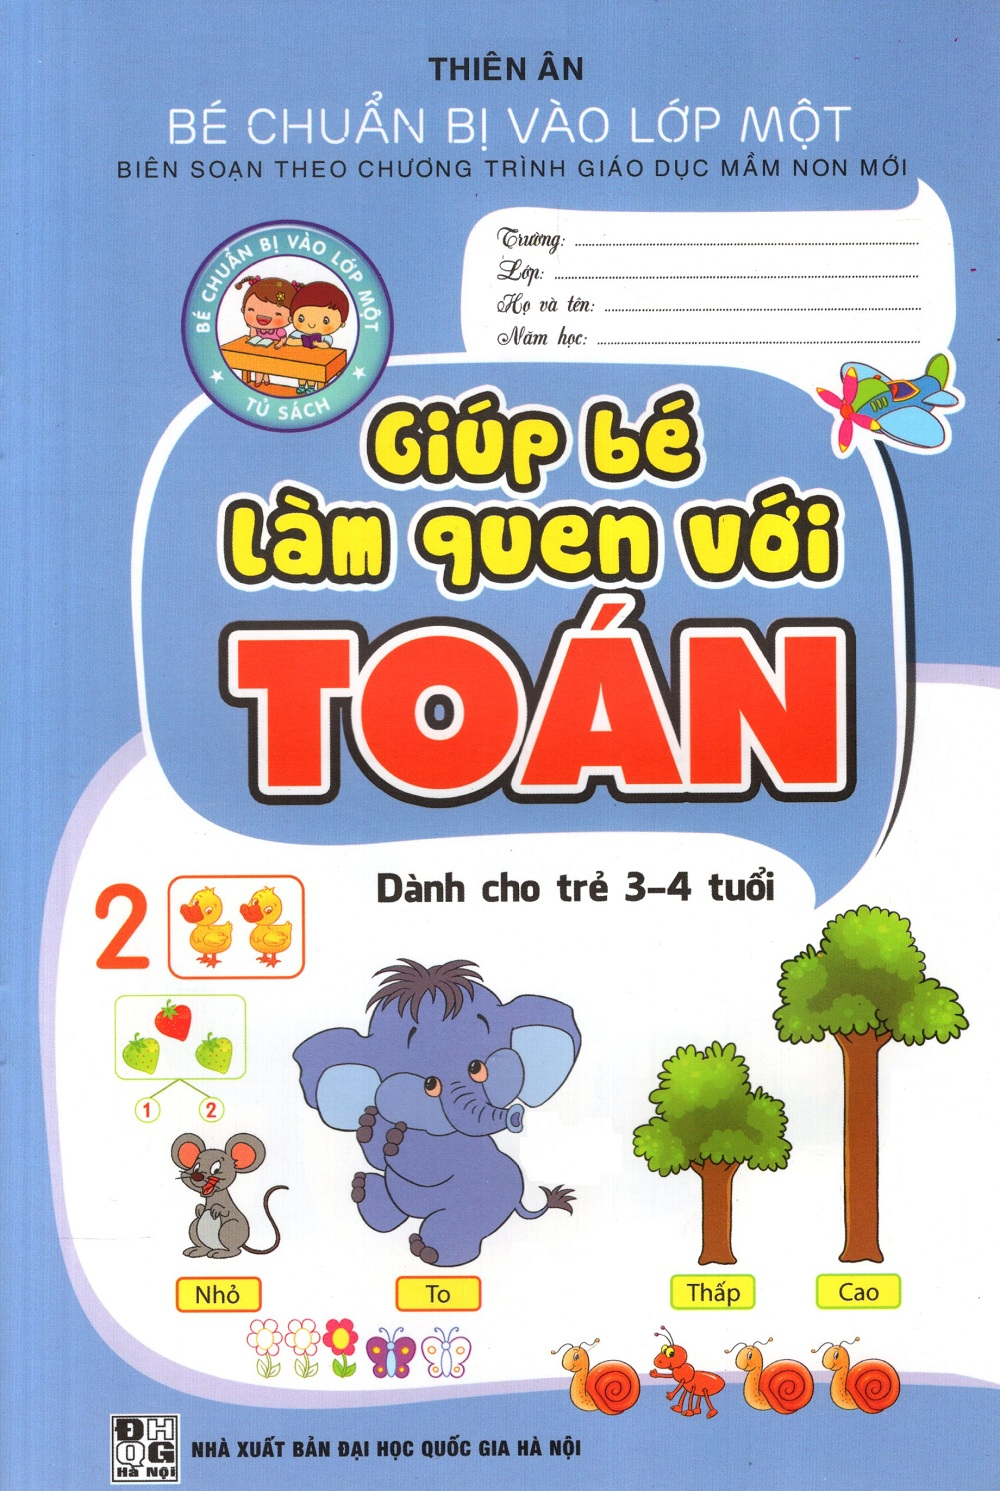 Giúp Bé Làm Quen Với Toán (Dành cho trẻ 3 - 4 Tuổi)